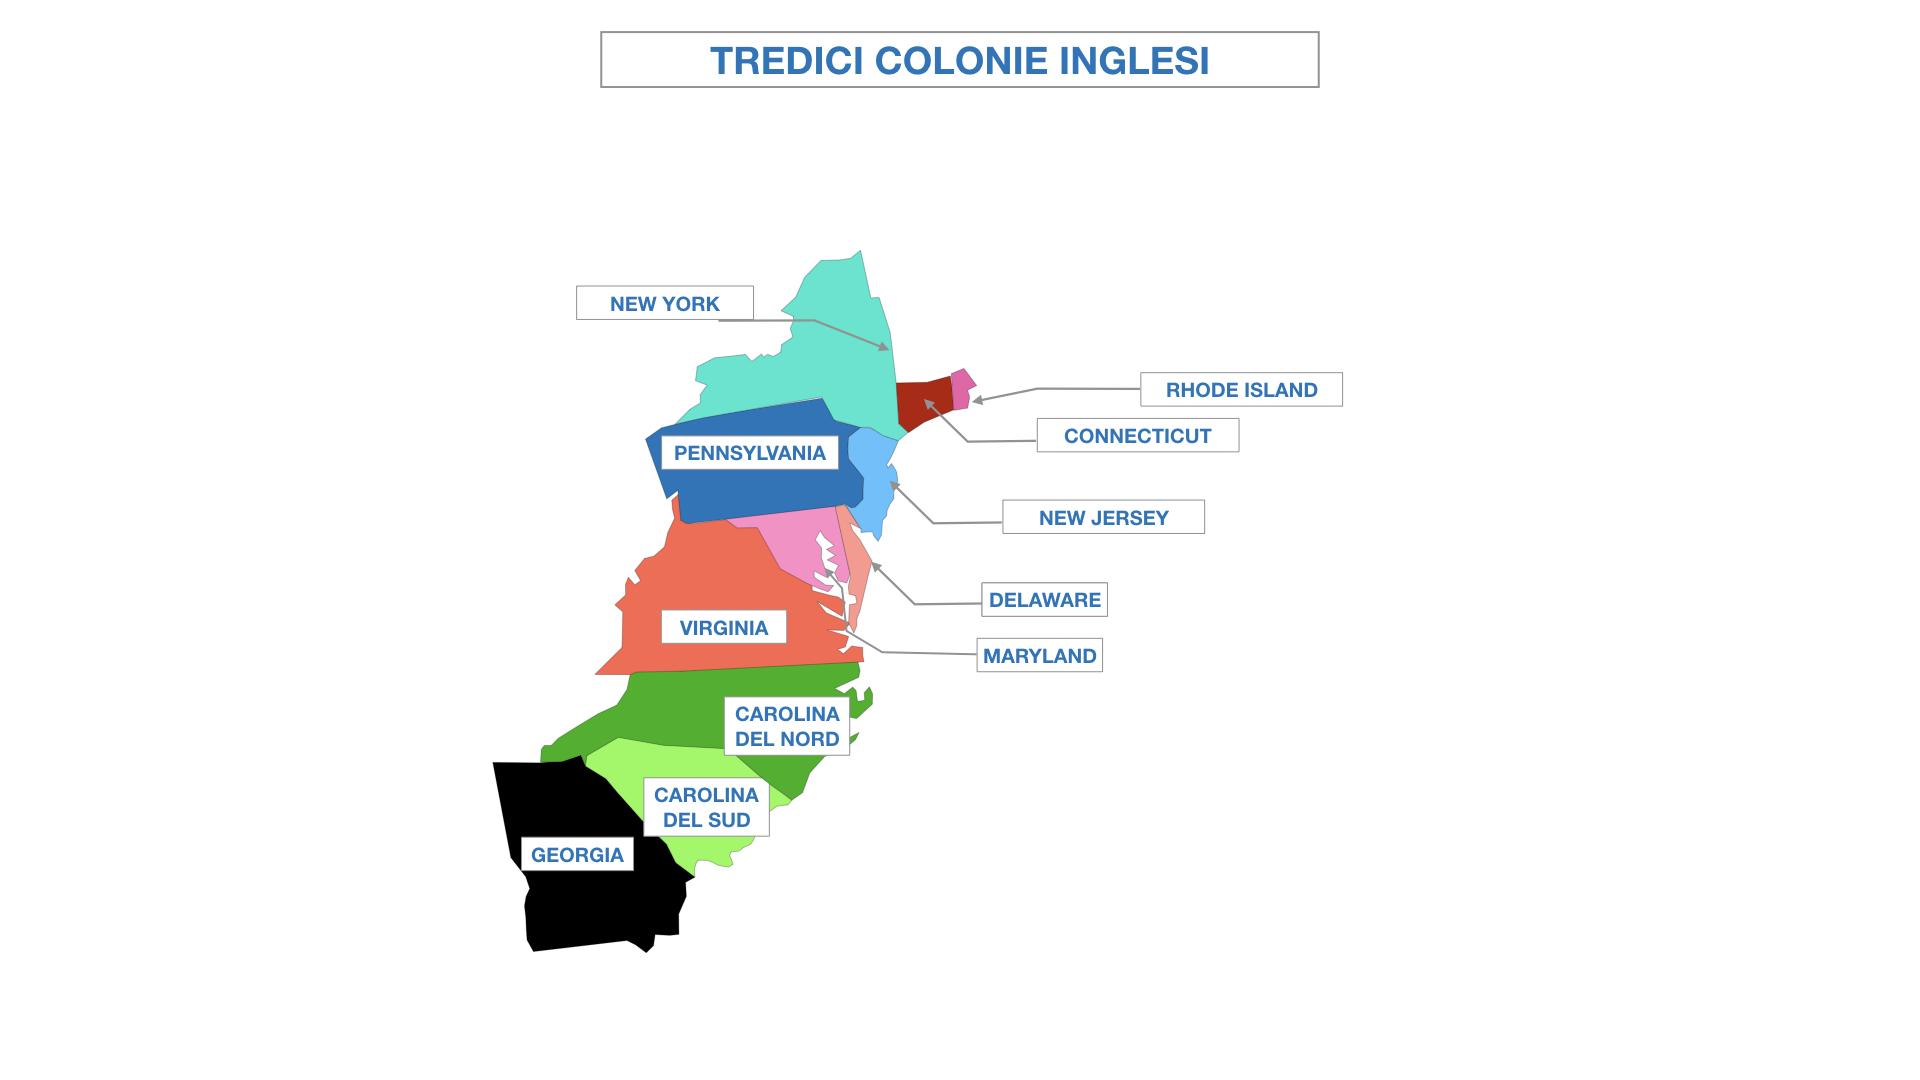 AMERICA LE TREDICI COLONIE INGLESI SIMULAZIONE.033